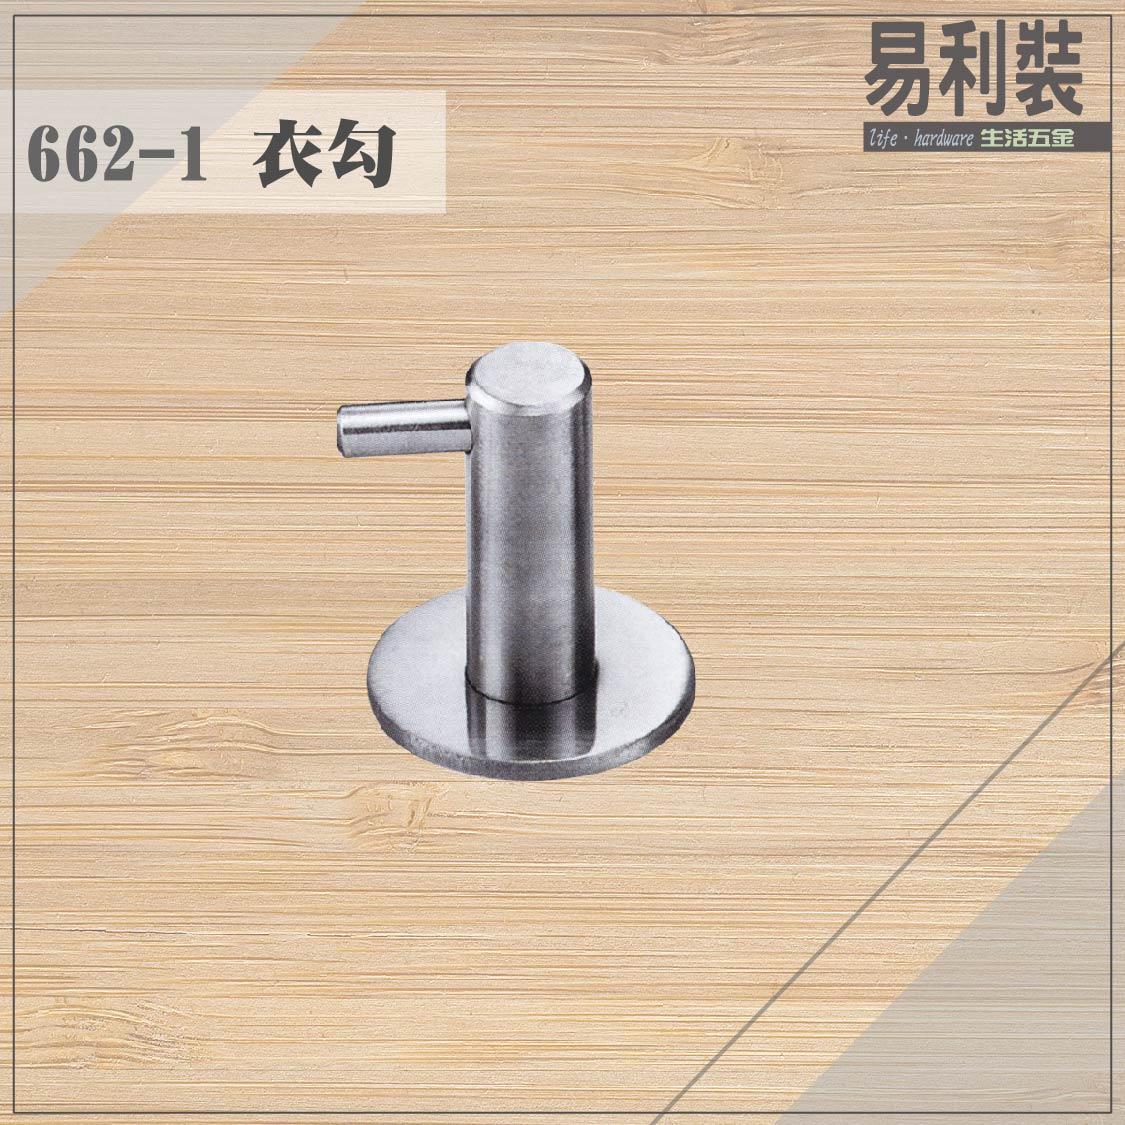 662~1 不鏽鋼衣勾 易利裝  浴室 廚房 掛勾 房間 臥房 衣櫃 小資族 辦公 系統